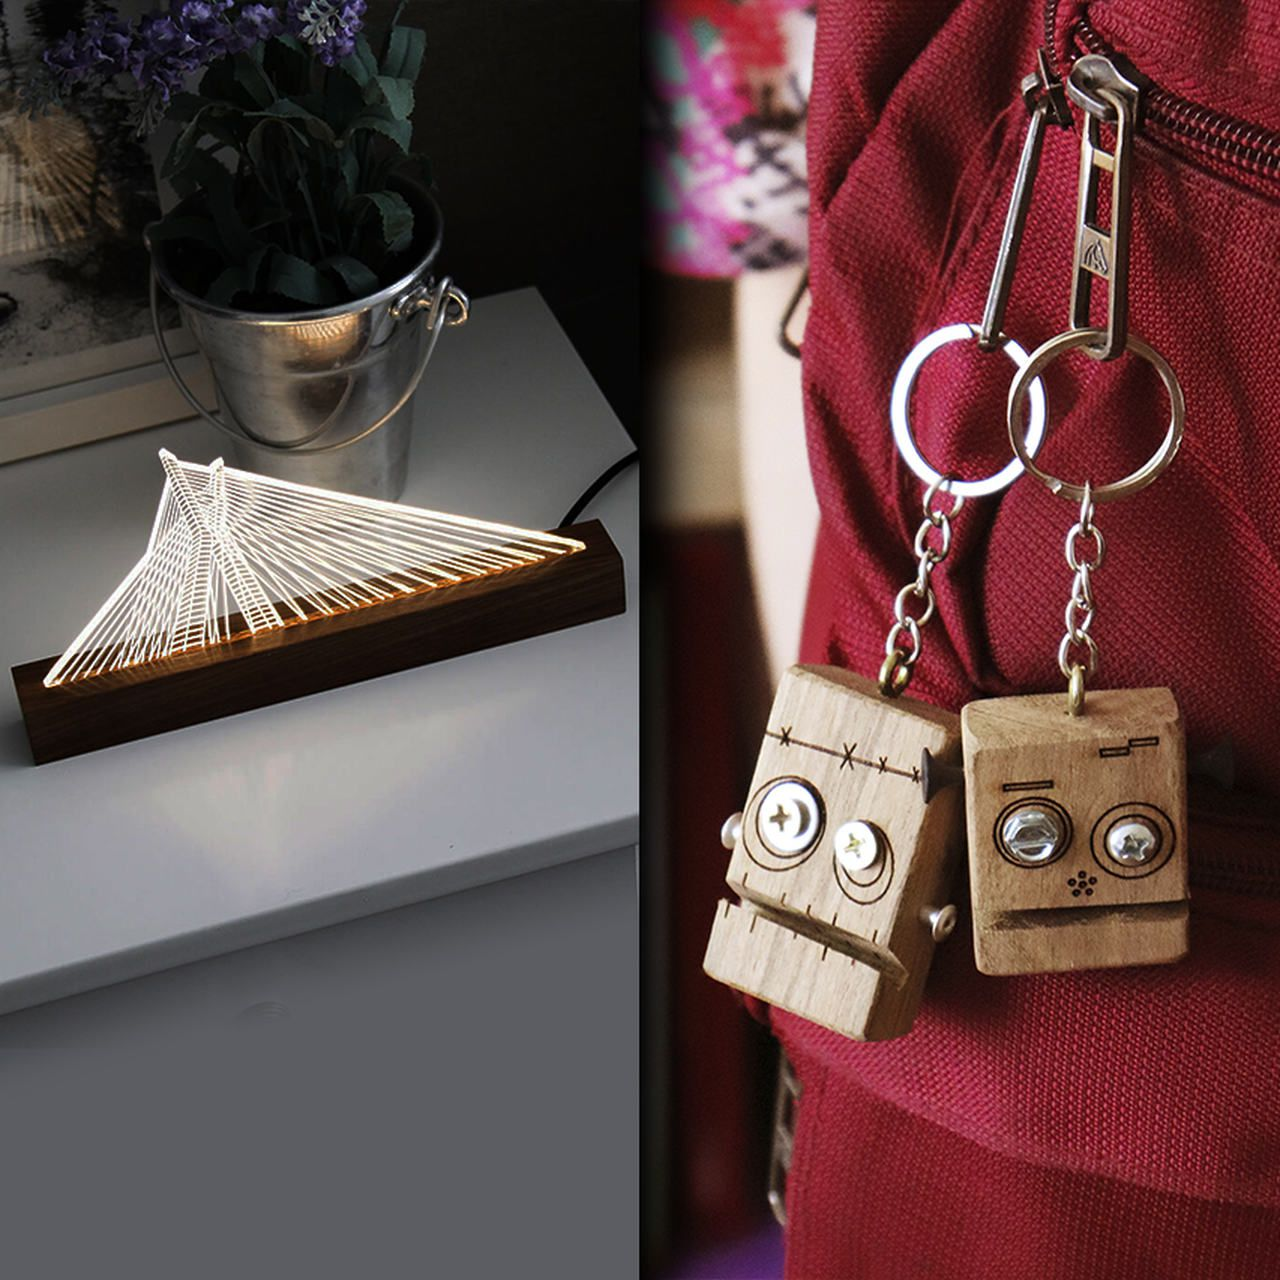 Kit Dia dos Namorados - 1 luminária Ponte Estaiada + 2 chaveiros